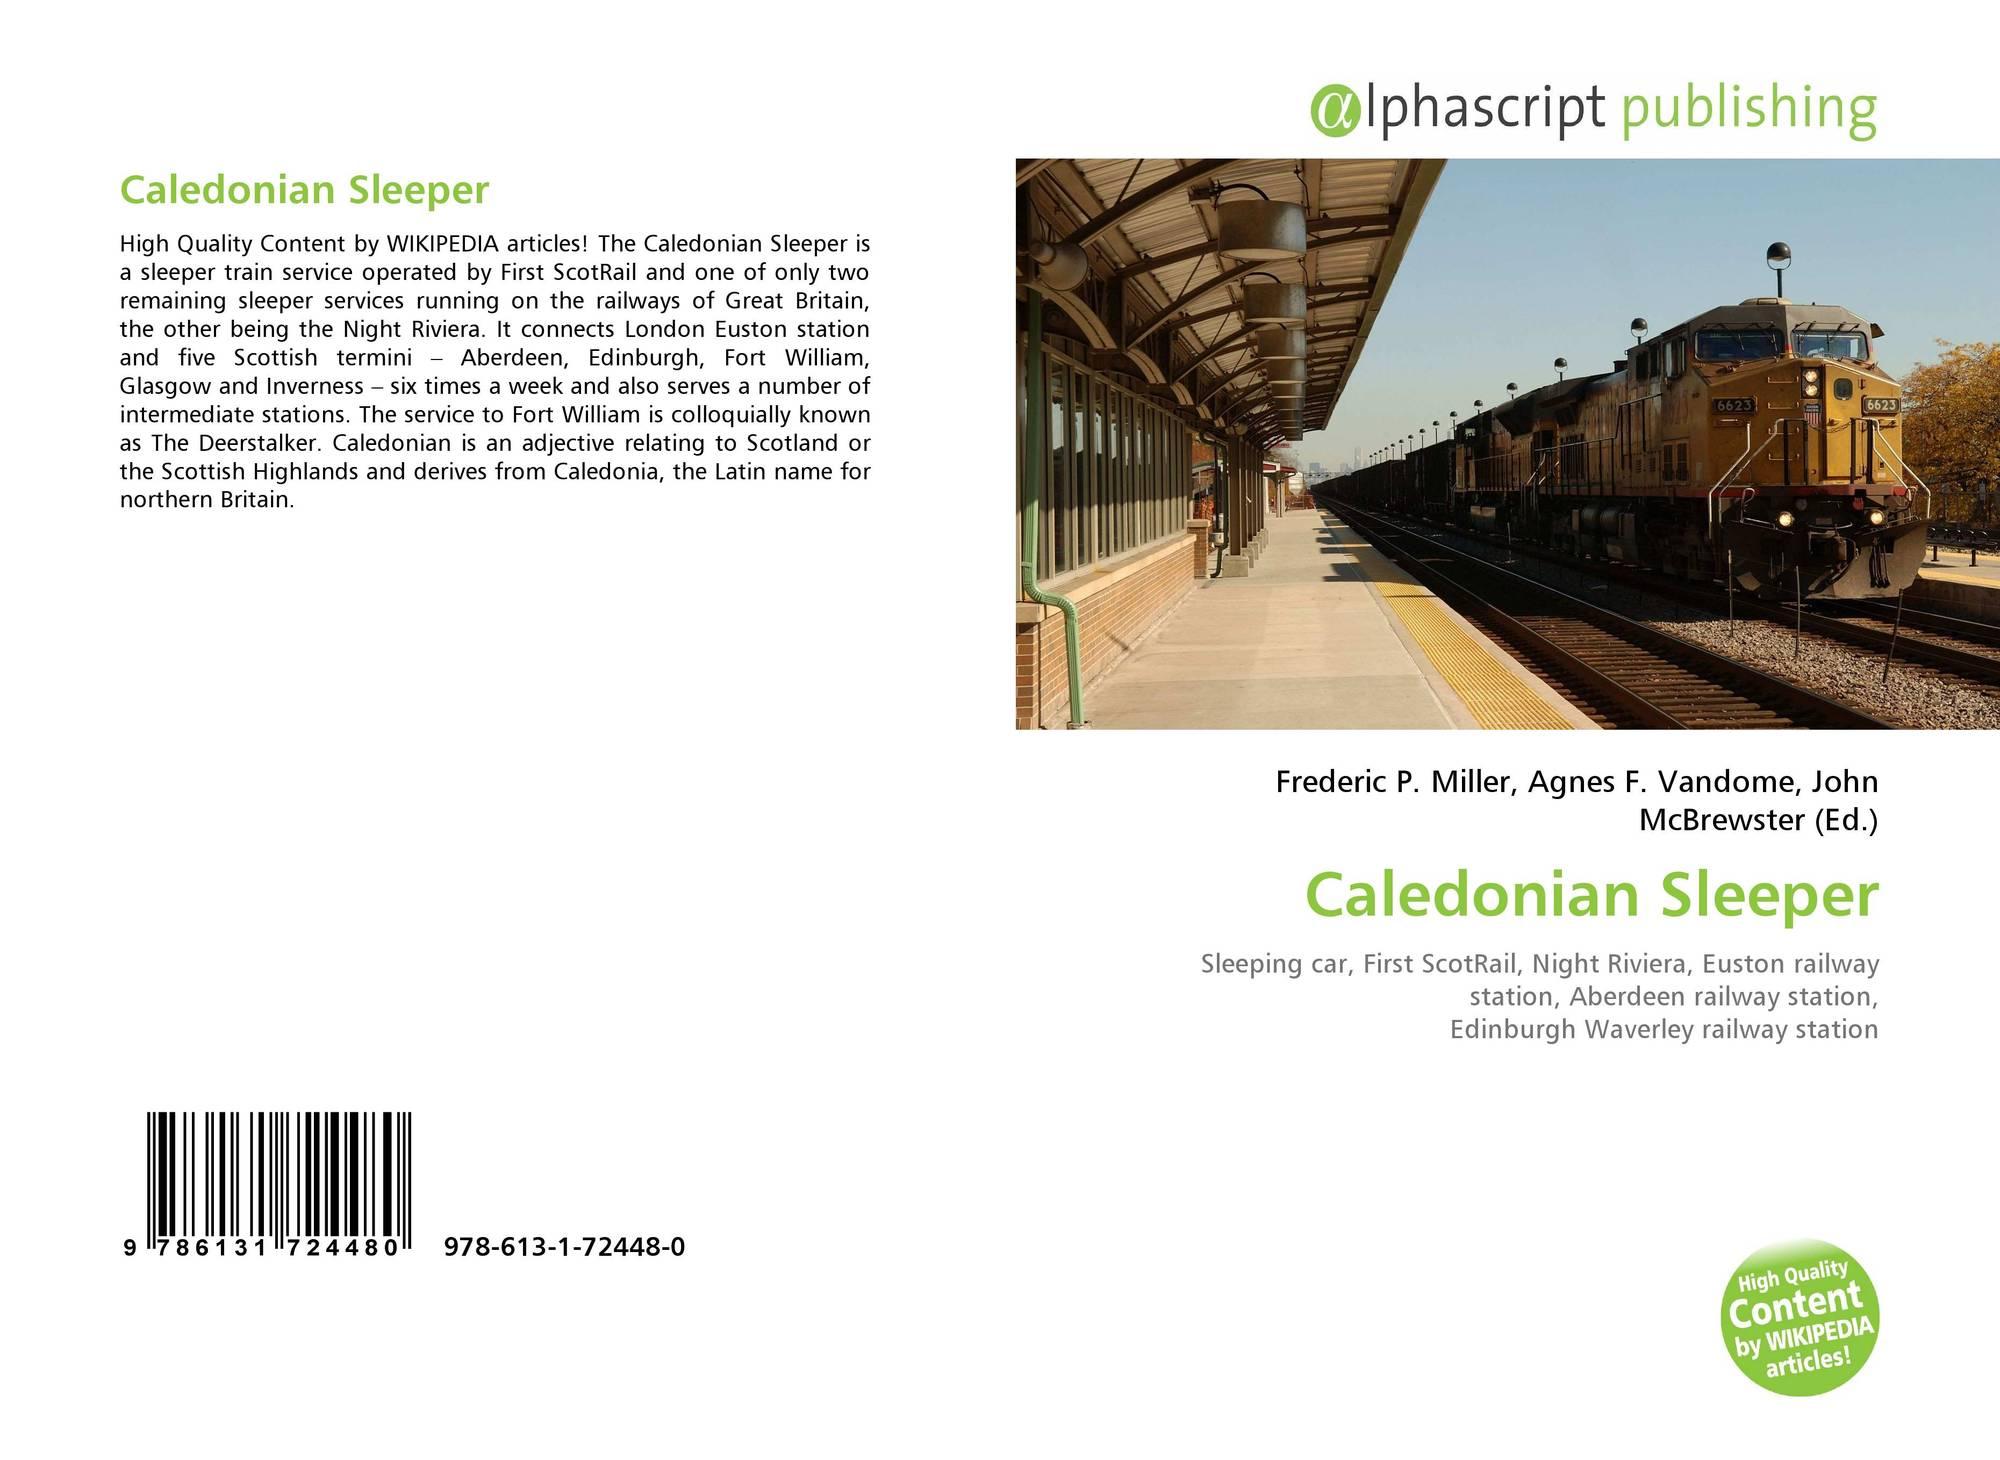 Caledonian Sleeper 978 613 1 72448 0 6131724482 9786131724480